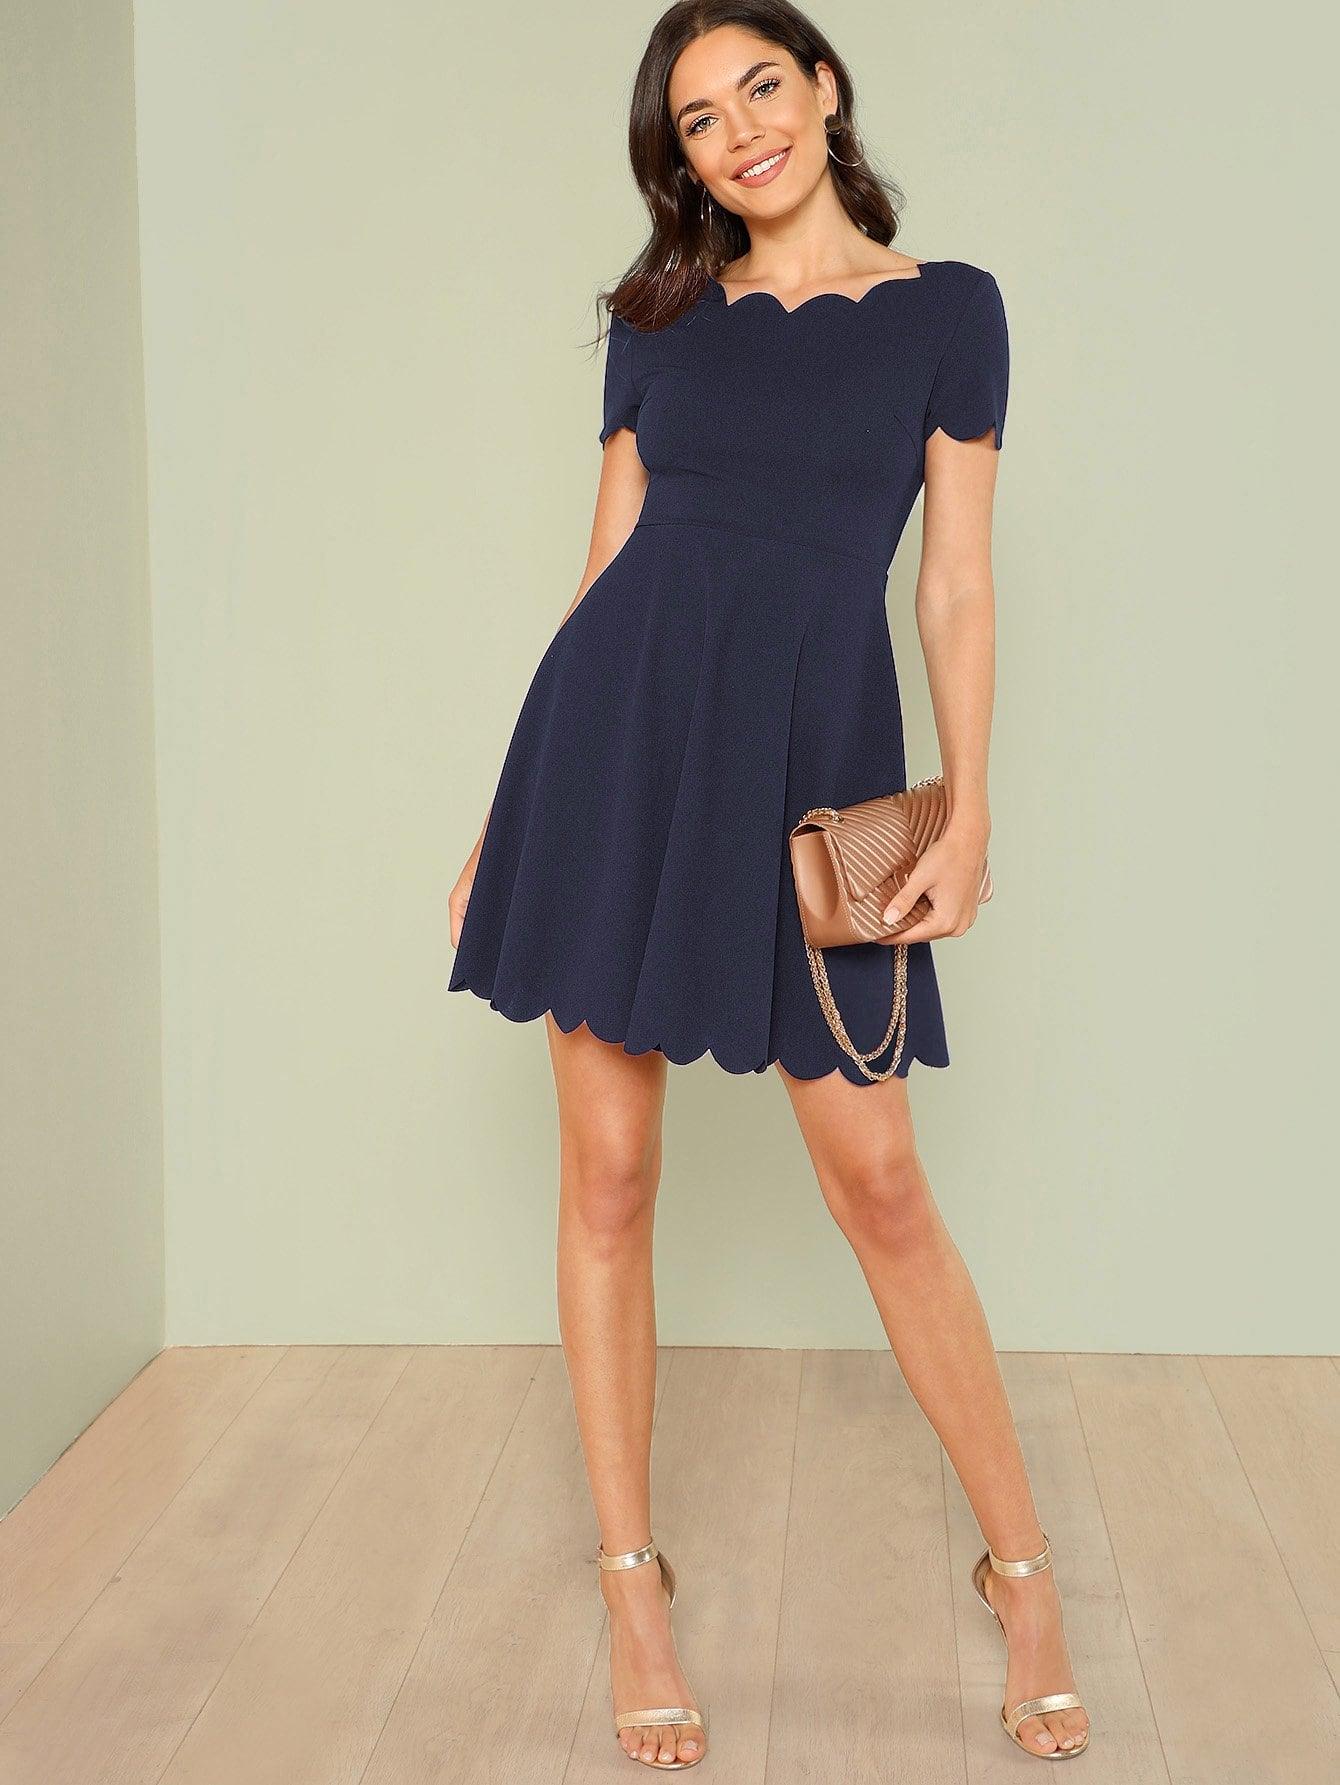 Купить Облегающое платье клёш с веерообразными оторочками, Aarika Wolf, SheIn